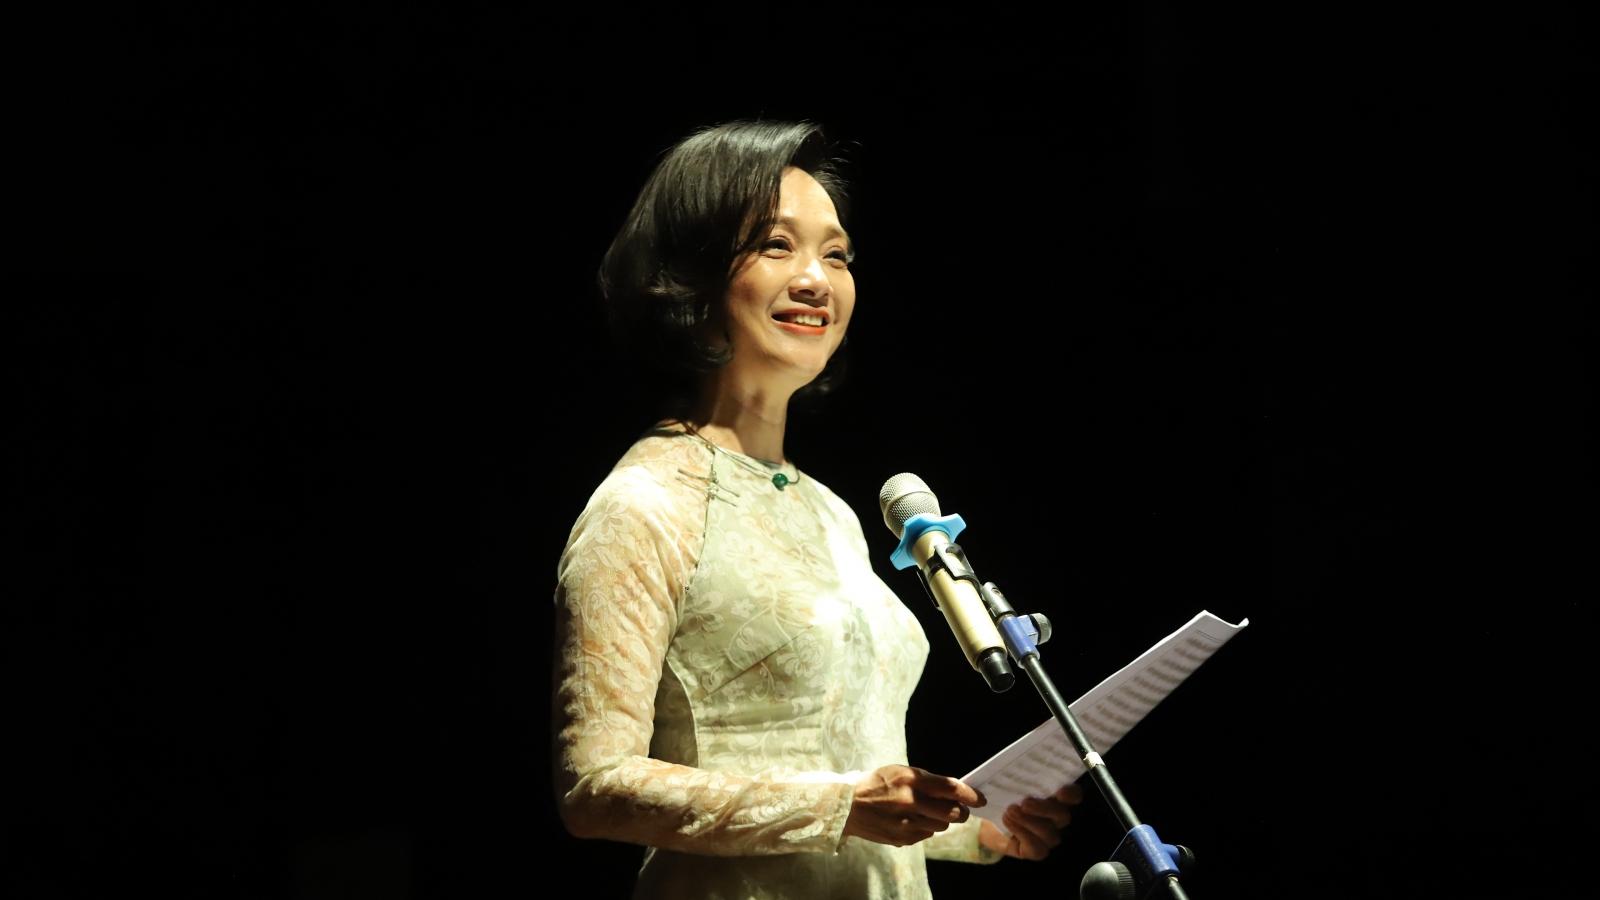 NSND Lê Khanh, Mỹ Linh xúc động tri ân Lưu Quang Vũ - Xuân Quỳnh